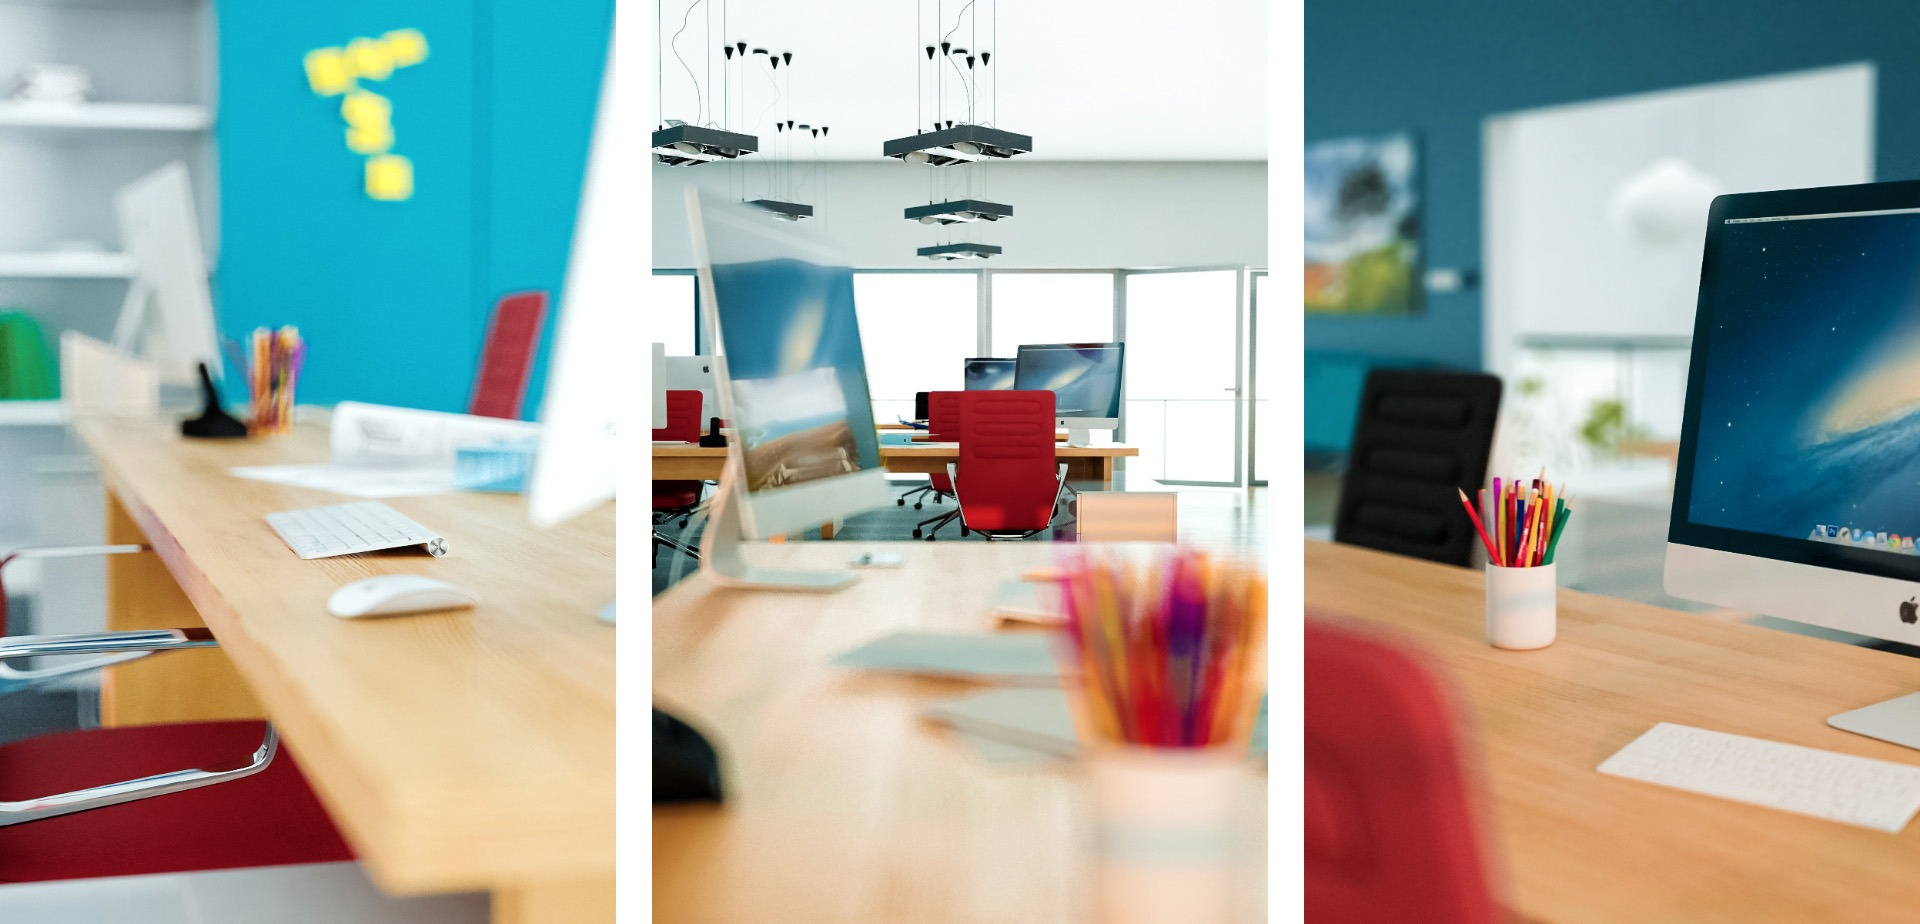 Wizualizacja architektoniczna – Biuro detale